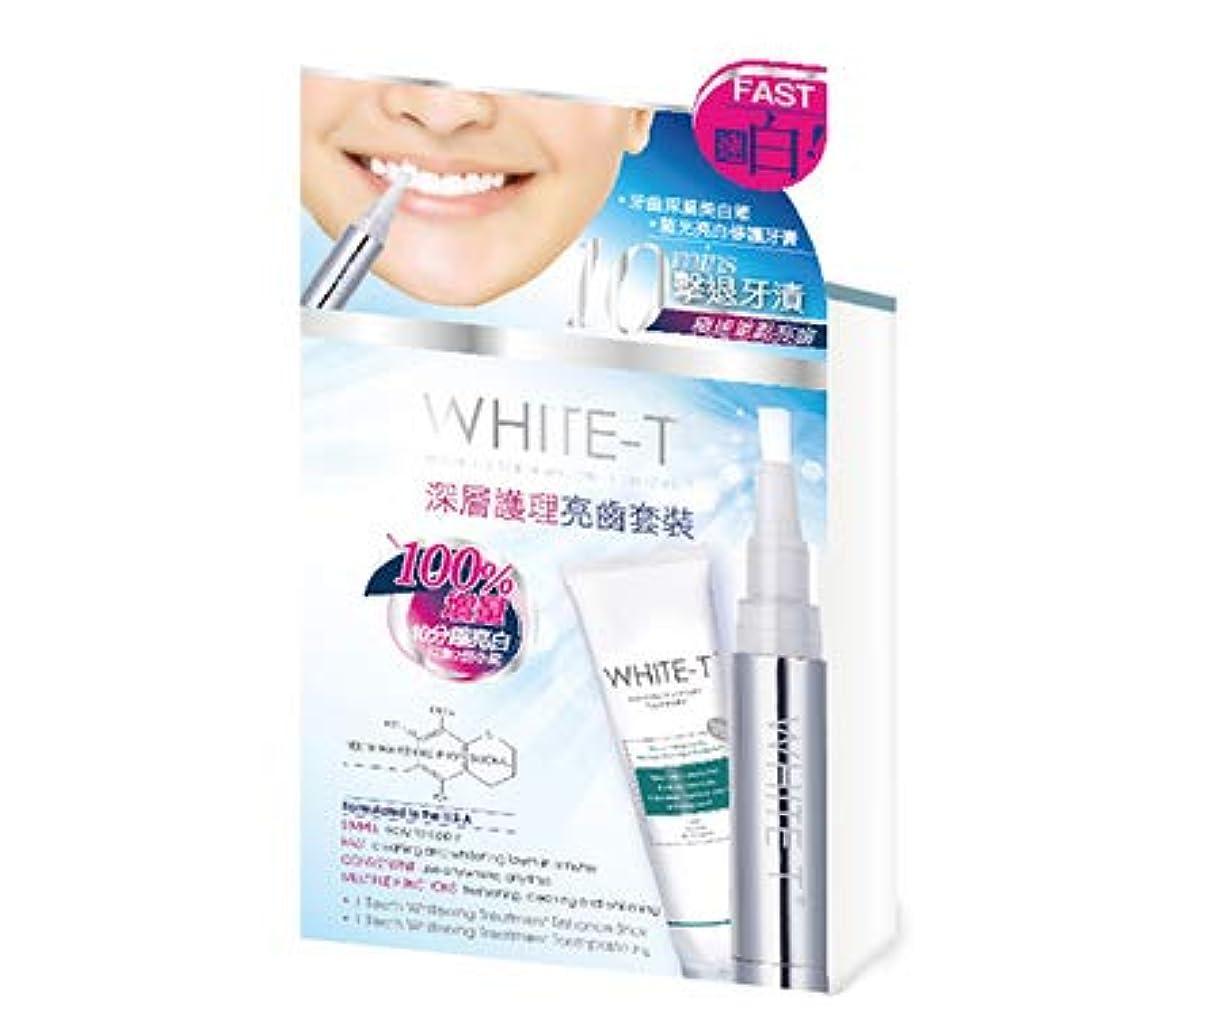 したい勝者刃WHITE-T ホワイトニング ペンタイプ(4ml) +ホワイトニング歯磨き粉(30g) 並行輸入品